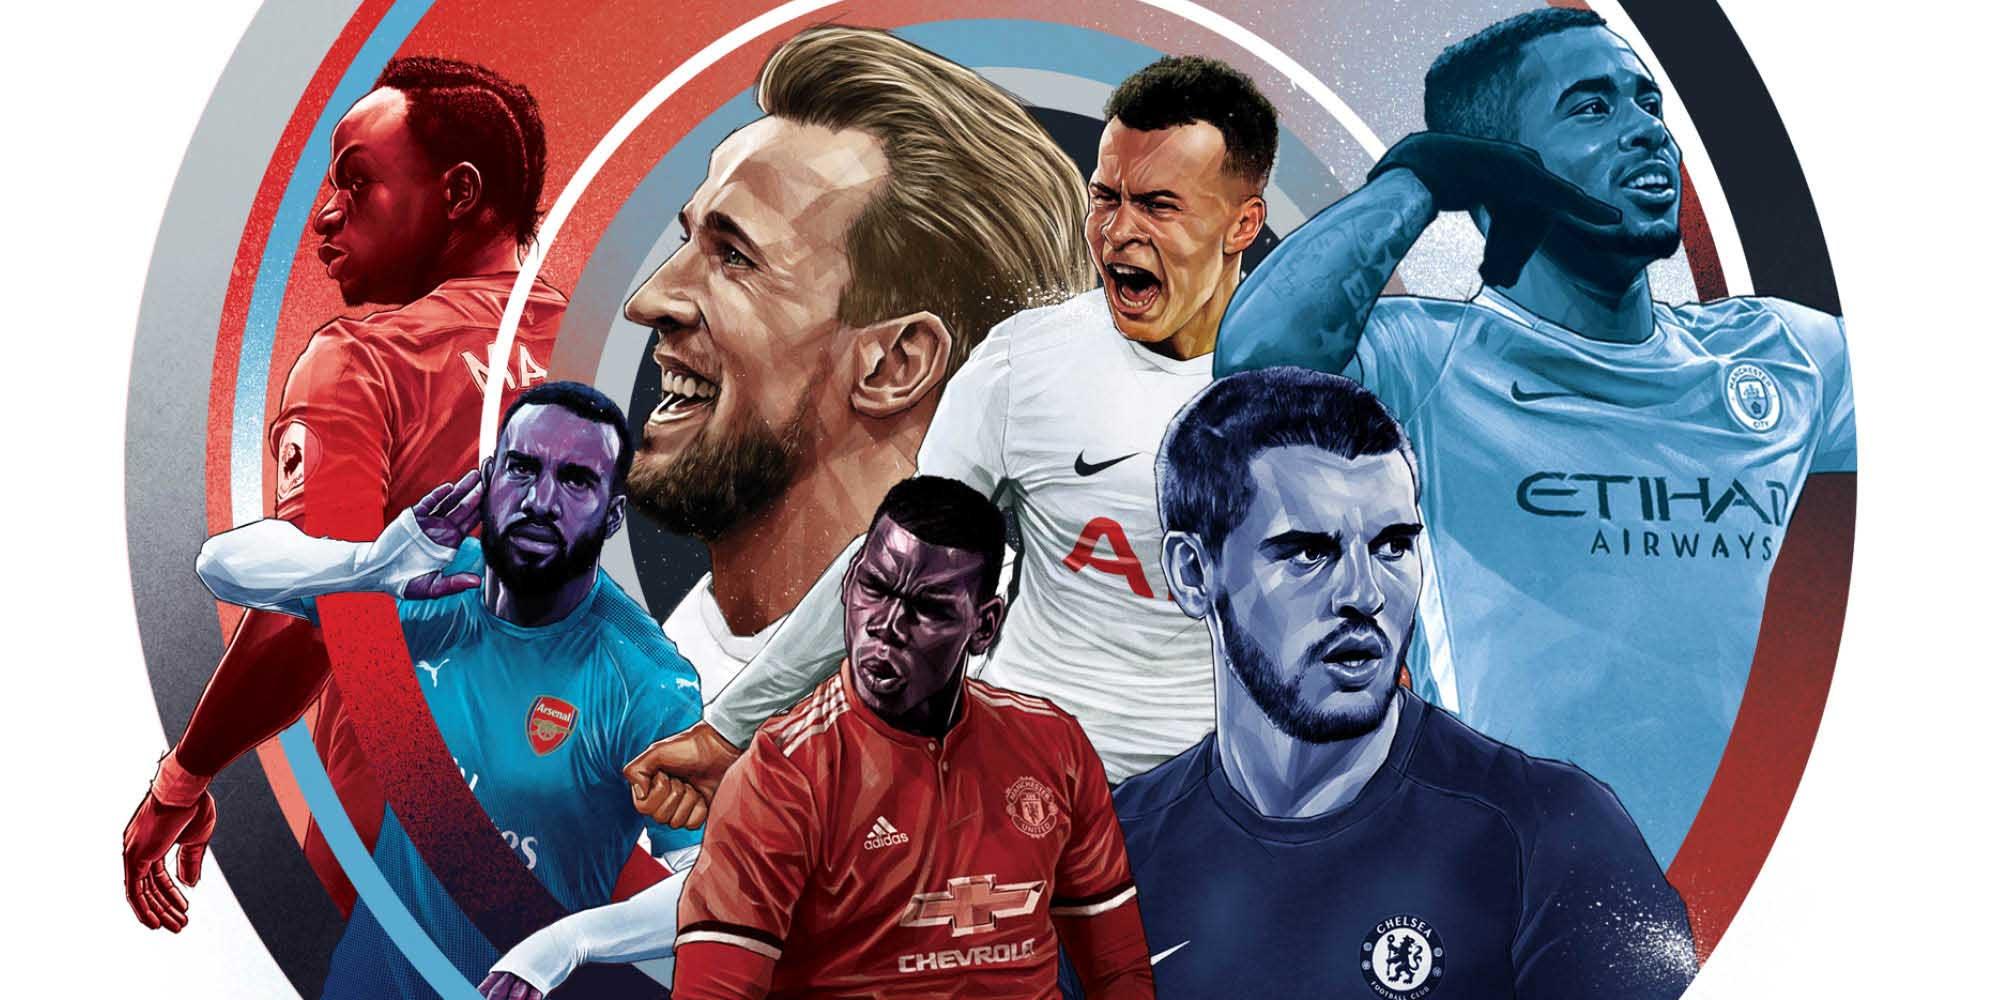 Máy tính dự đoán: Chelsea bảo vệ thành công ngôi vương; Man United, Liverpool ngoài top 4